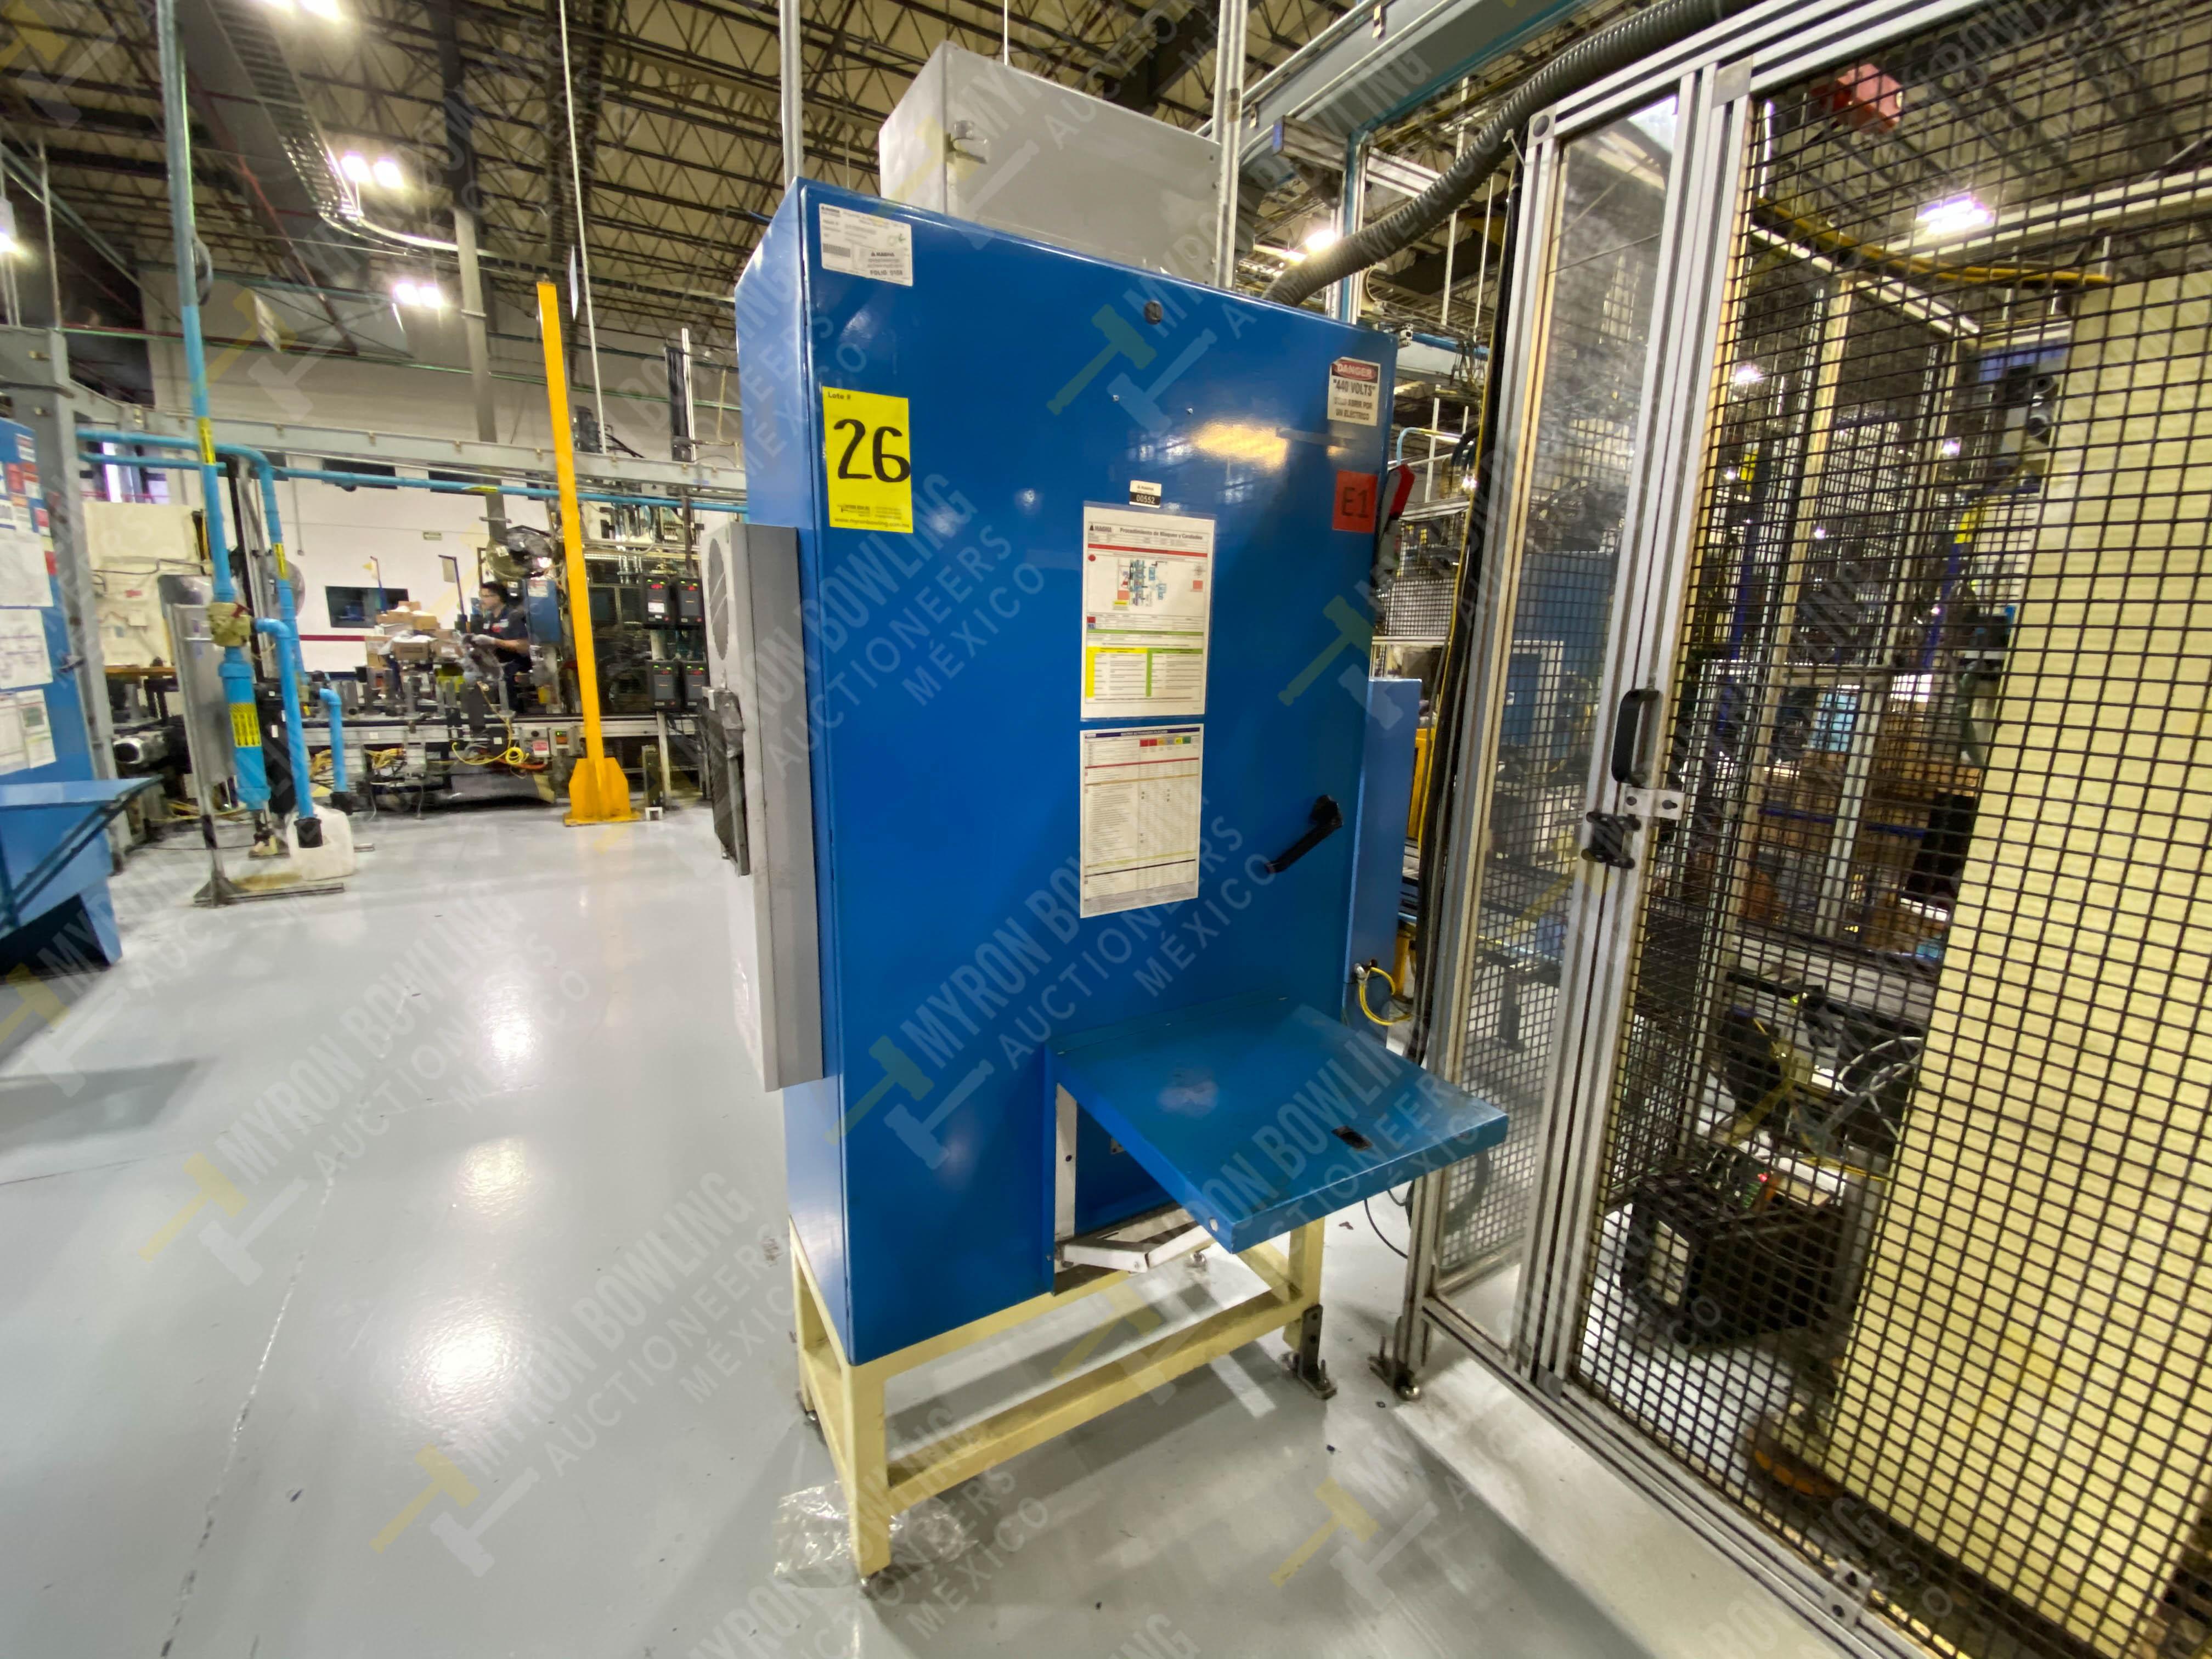 Estación manual para operación 383, contiene: Prensa marca PROMESS en estructura de placa de acero - Image 22 of 27